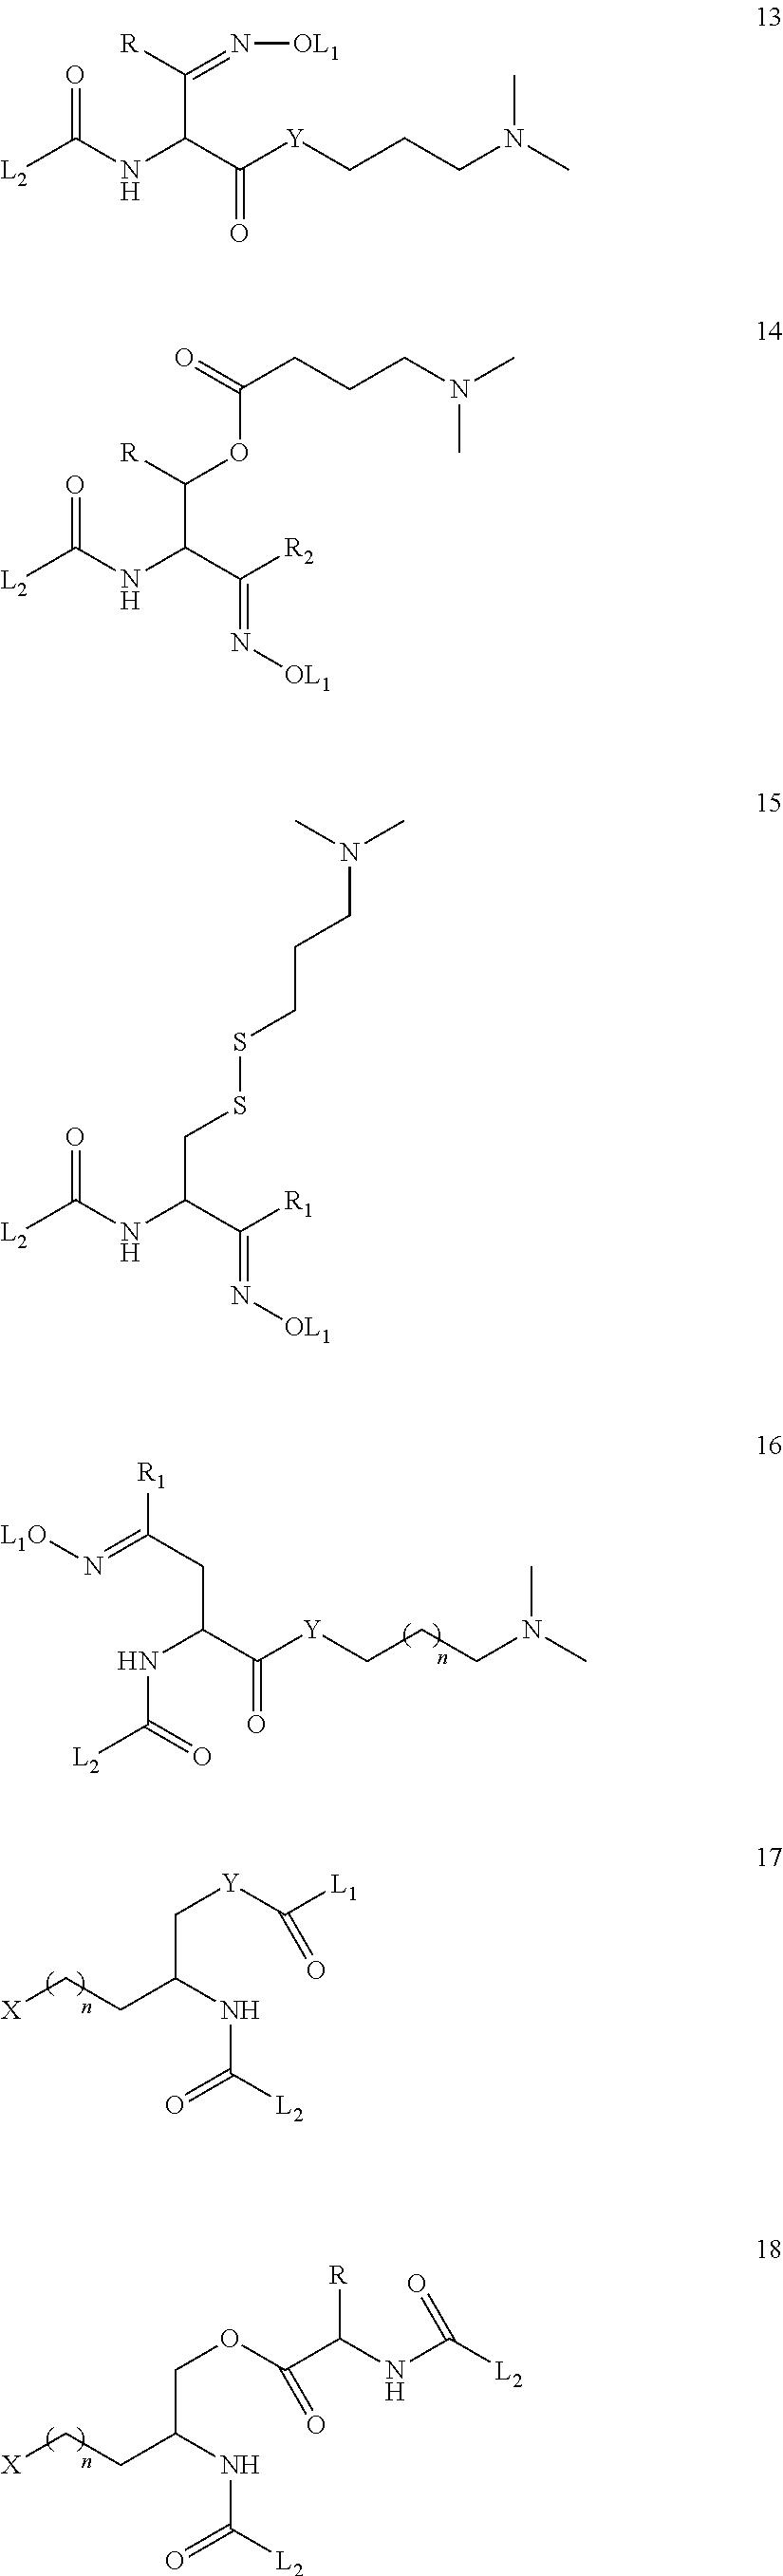 Figure US20140308304A1-20141016-C00028